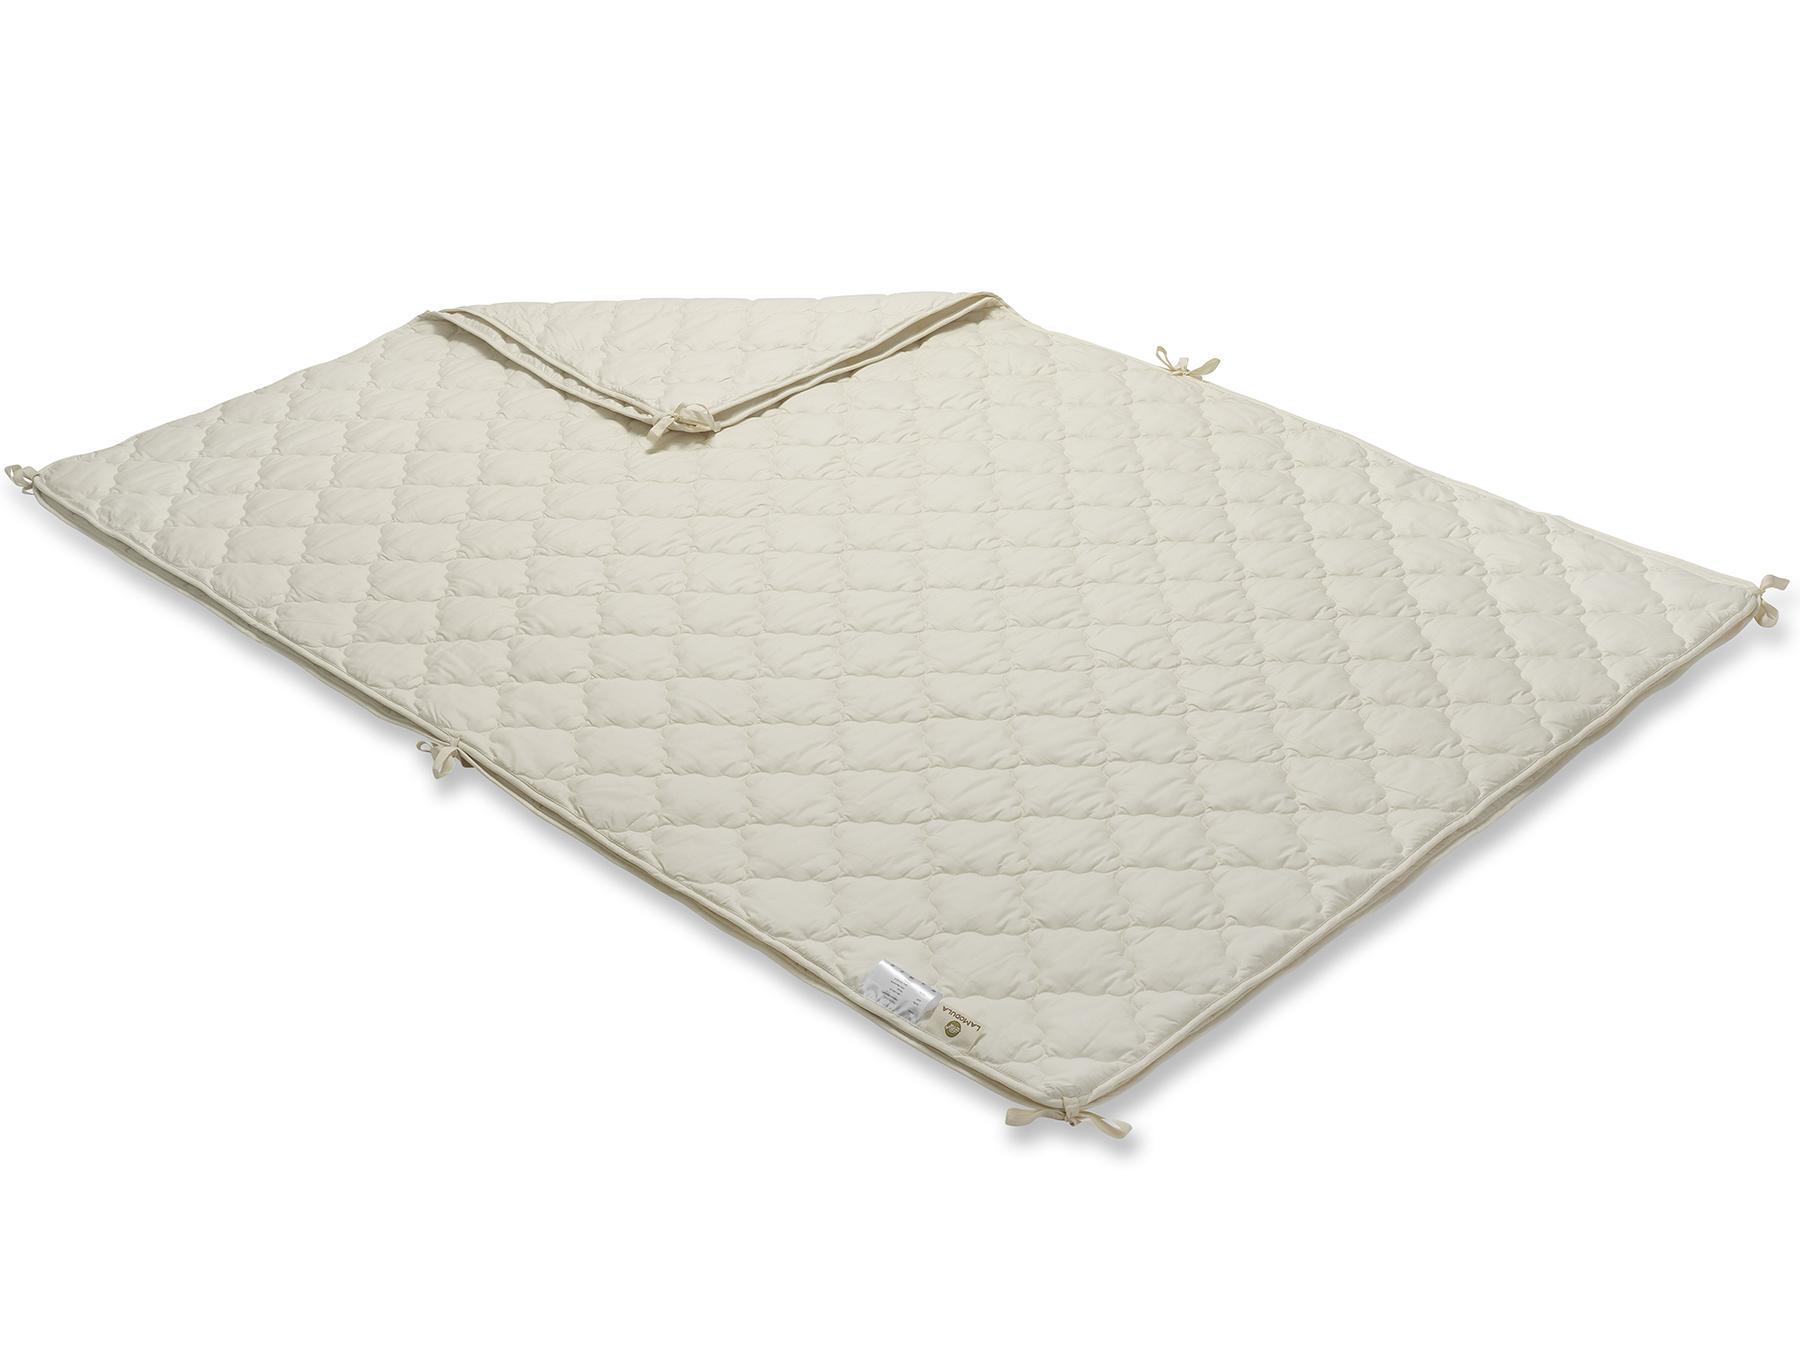 Mit praktischen Bändern an den Rändern kann man die beiden Decken miteinander verknüpfen.